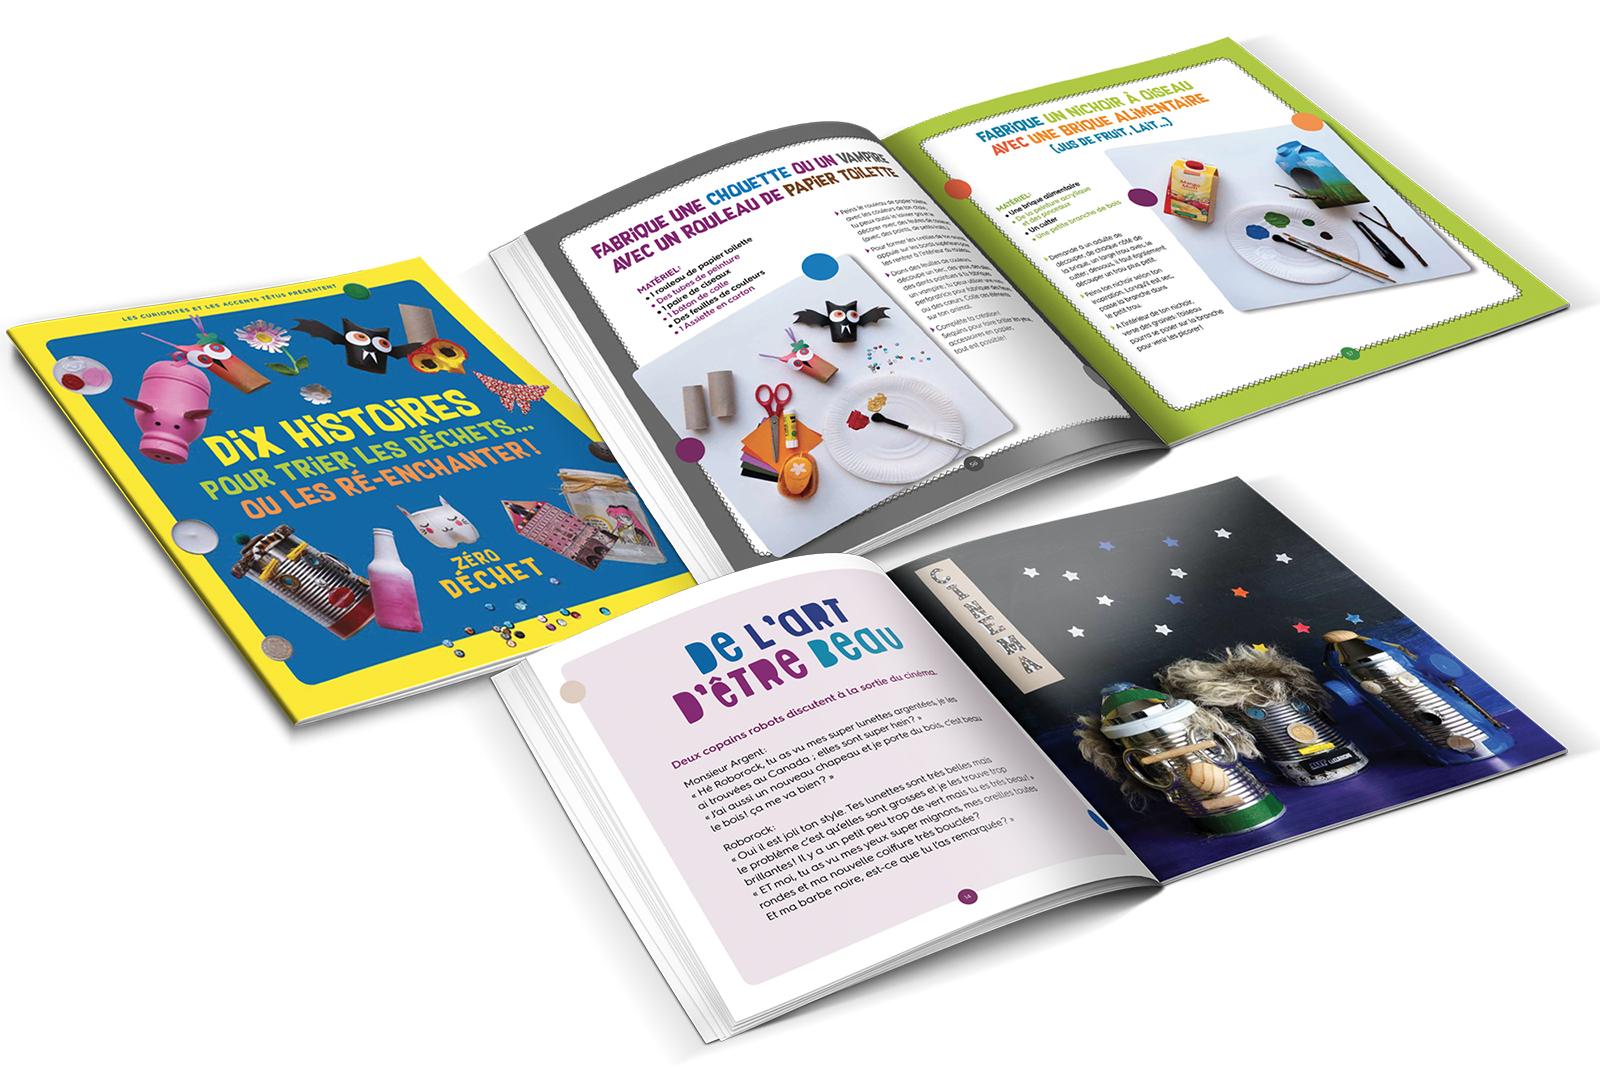 Les CURIOSITES / EST ENSEMBLE > Conception/réalisation du livre pratique jeunesse